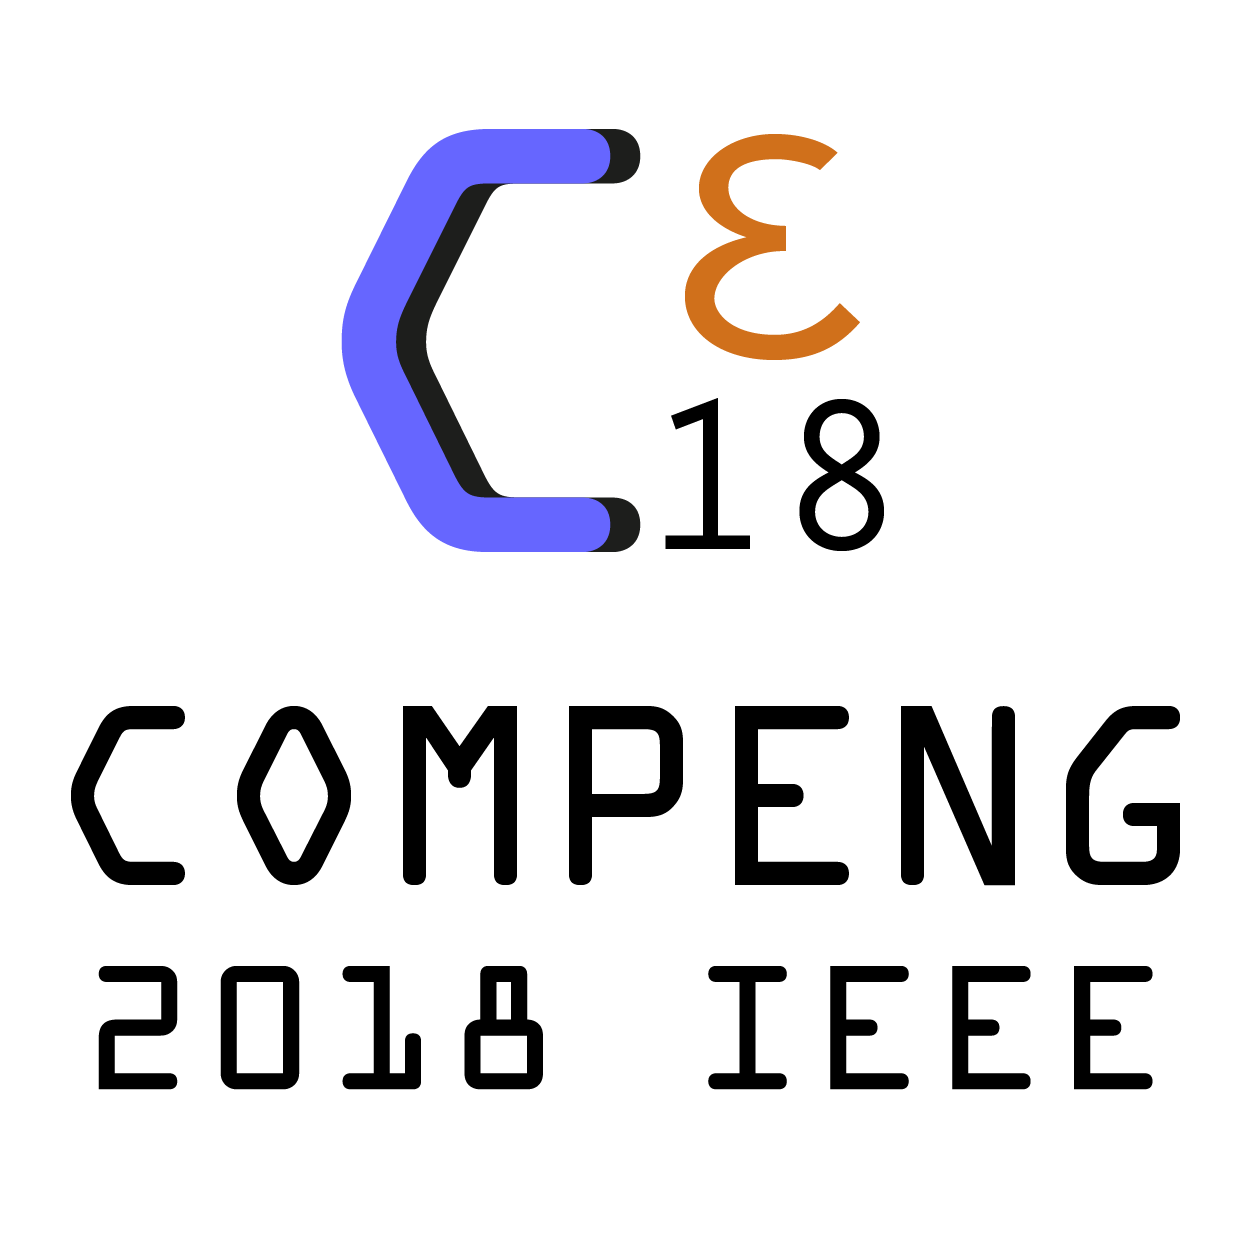 IEEE COMPENG 2018